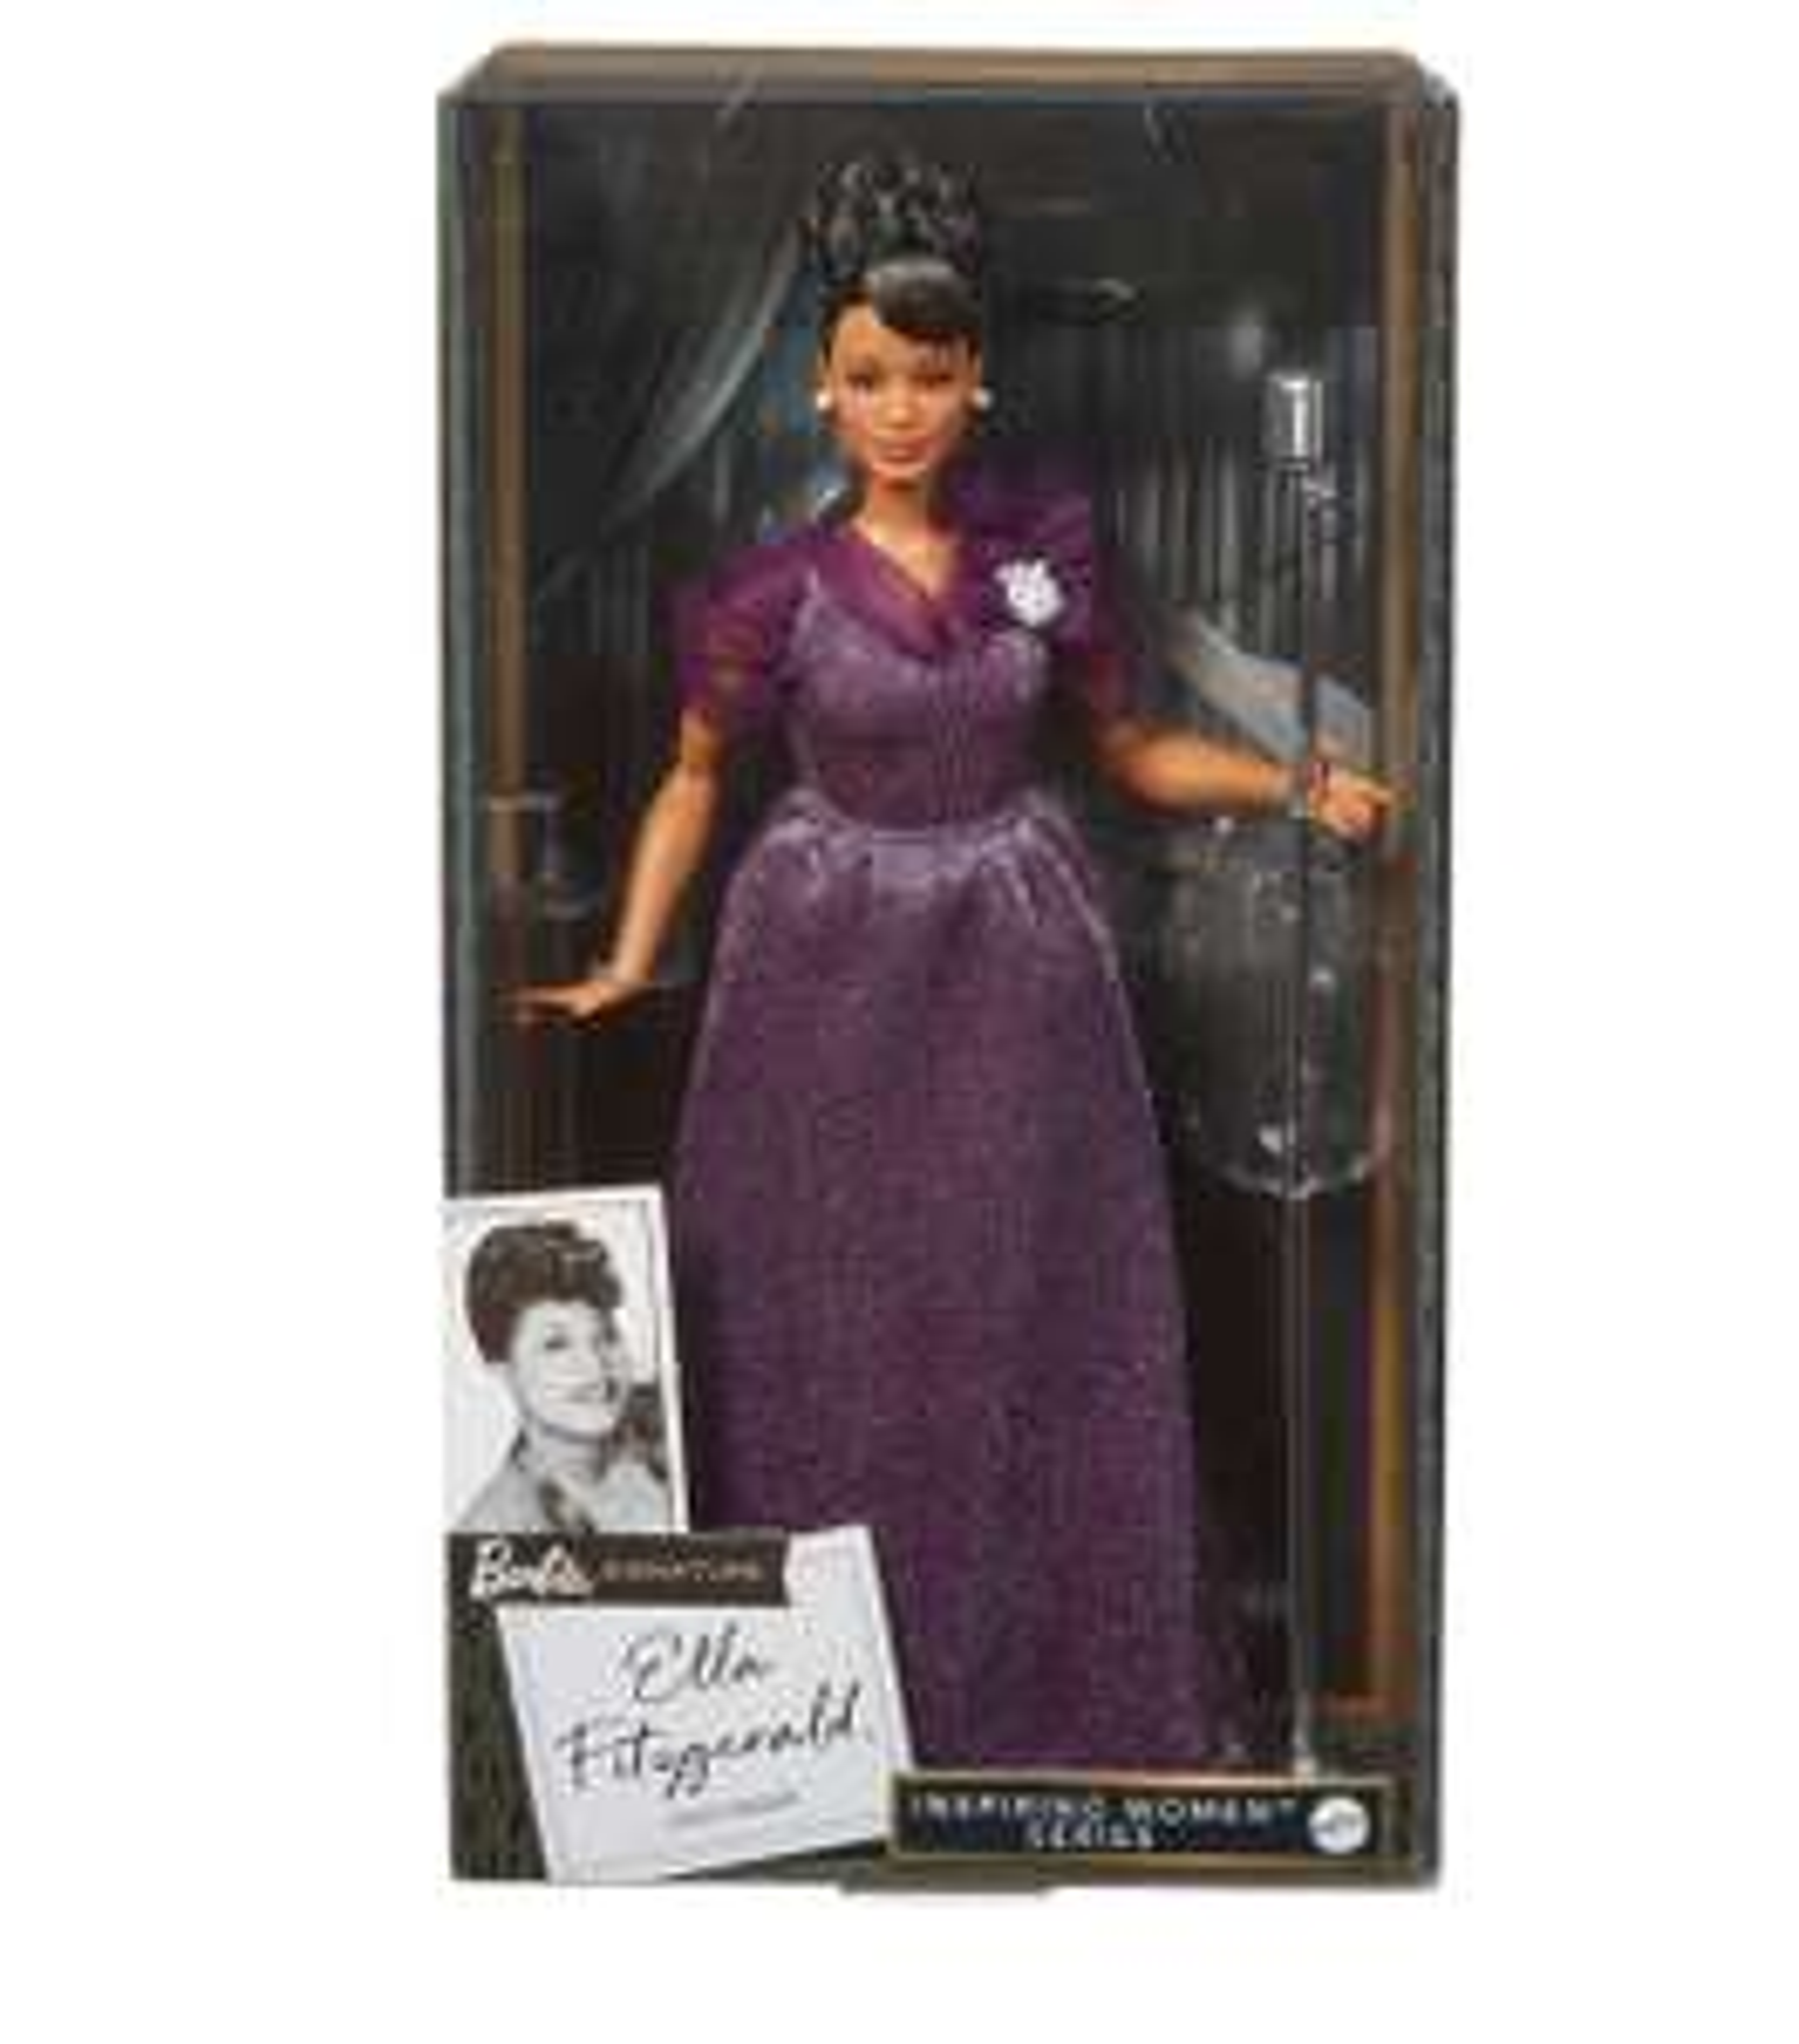 Walmart en línea. Barbie Signature Ella Fitzgerald, de colección.